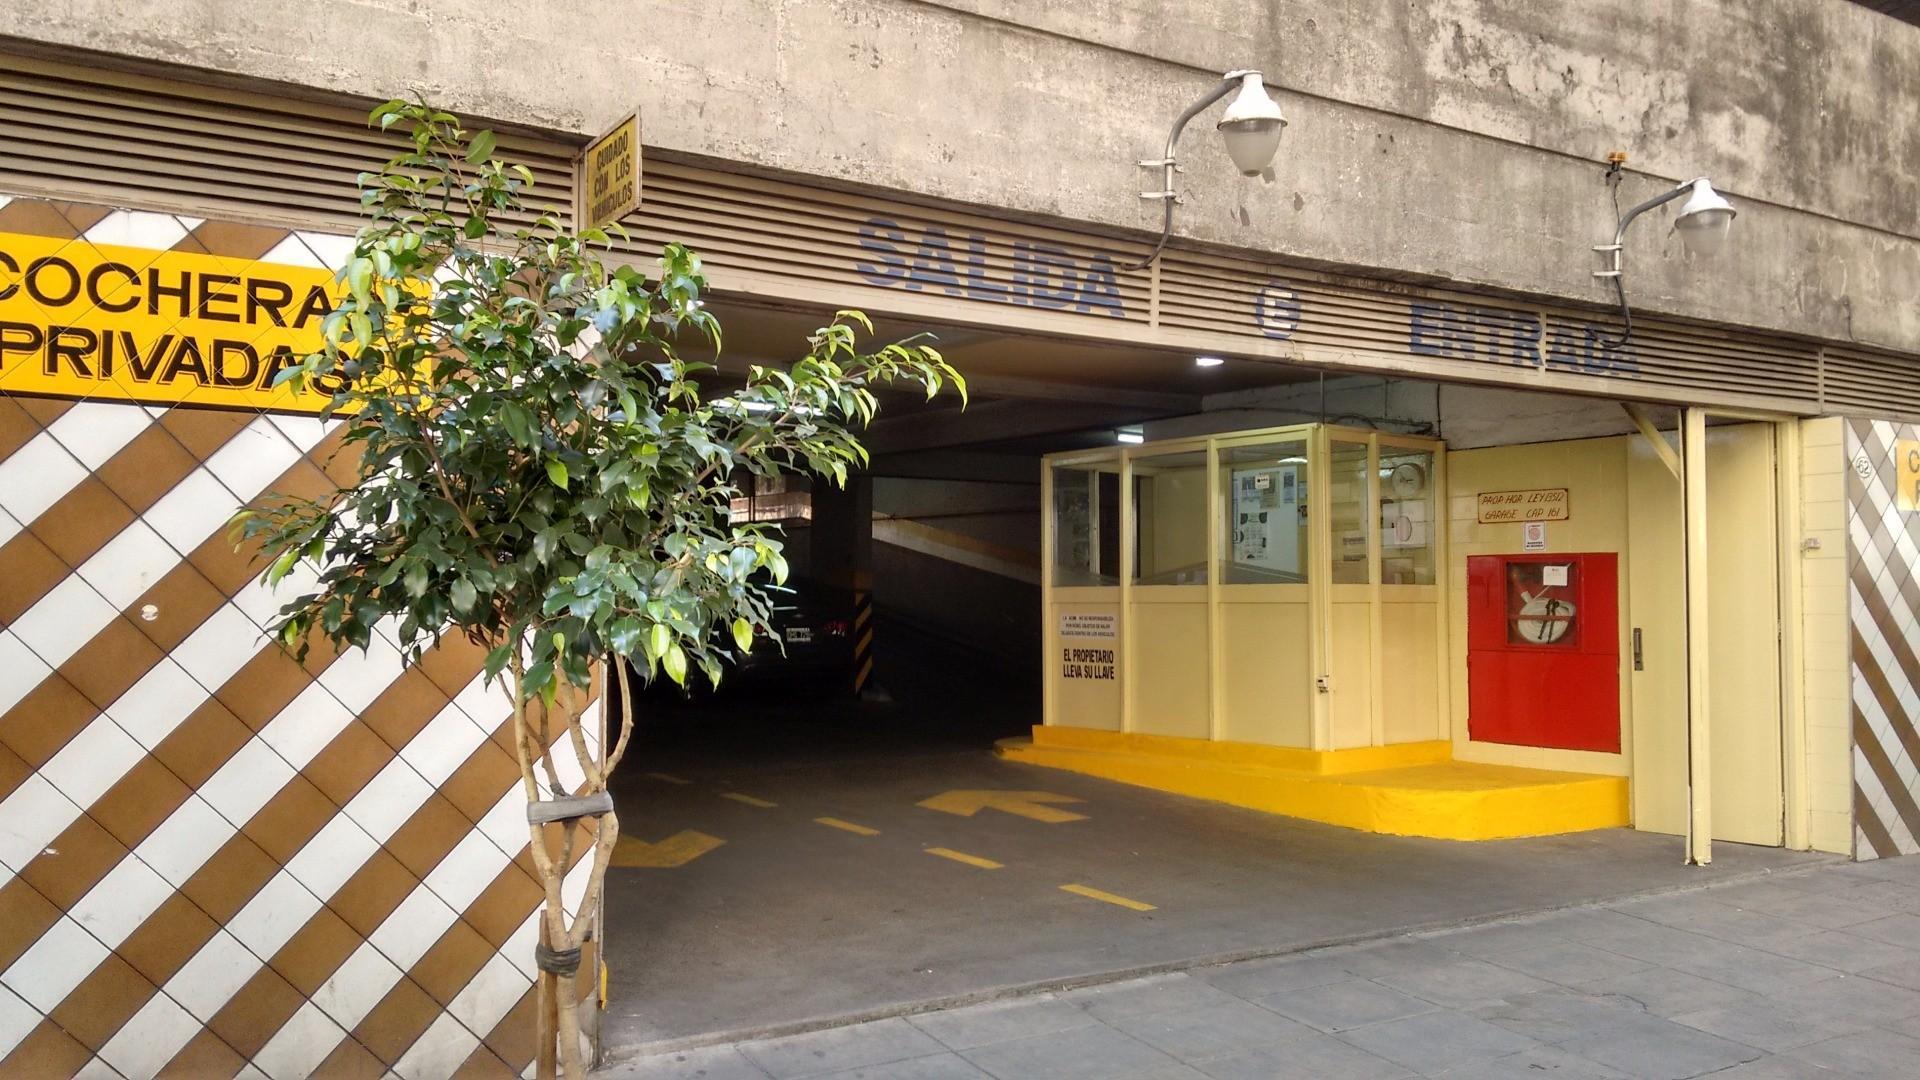 Venta Cochera Caballito (Media cuadra Village Caballito) (Accesible - Ley 5115 CABA)